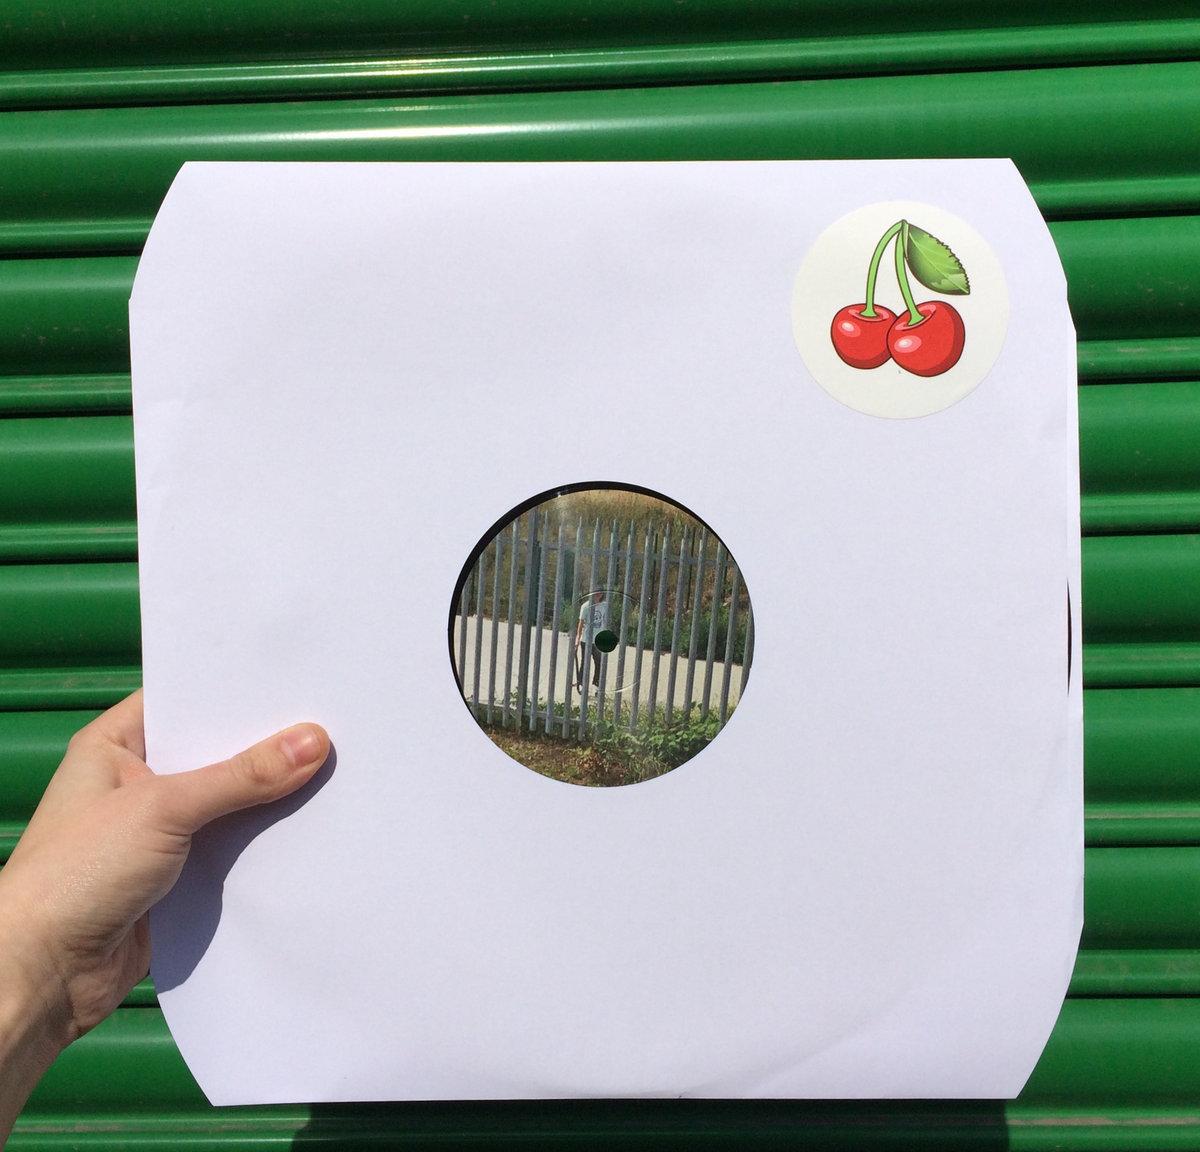 Hard skatin snake evadin cherry chompin 12 from ross from friends on lobster black vinyl white paper sleeve cherry sticker